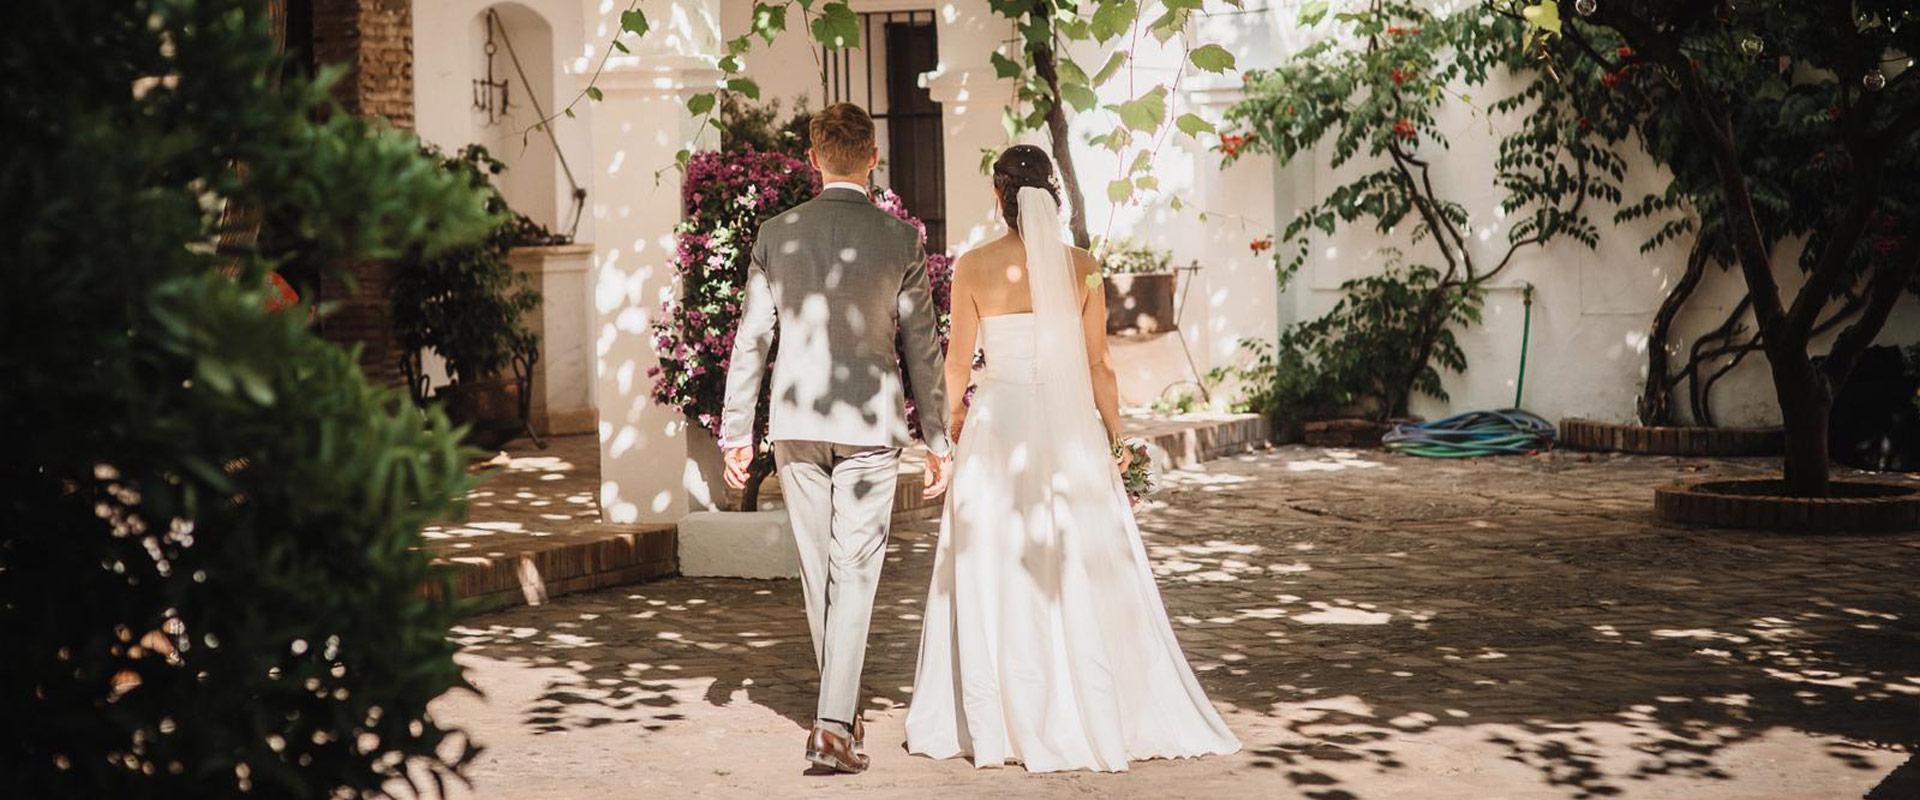 Suzanne & Sjoerd trouwen bij Cortijo Barranco